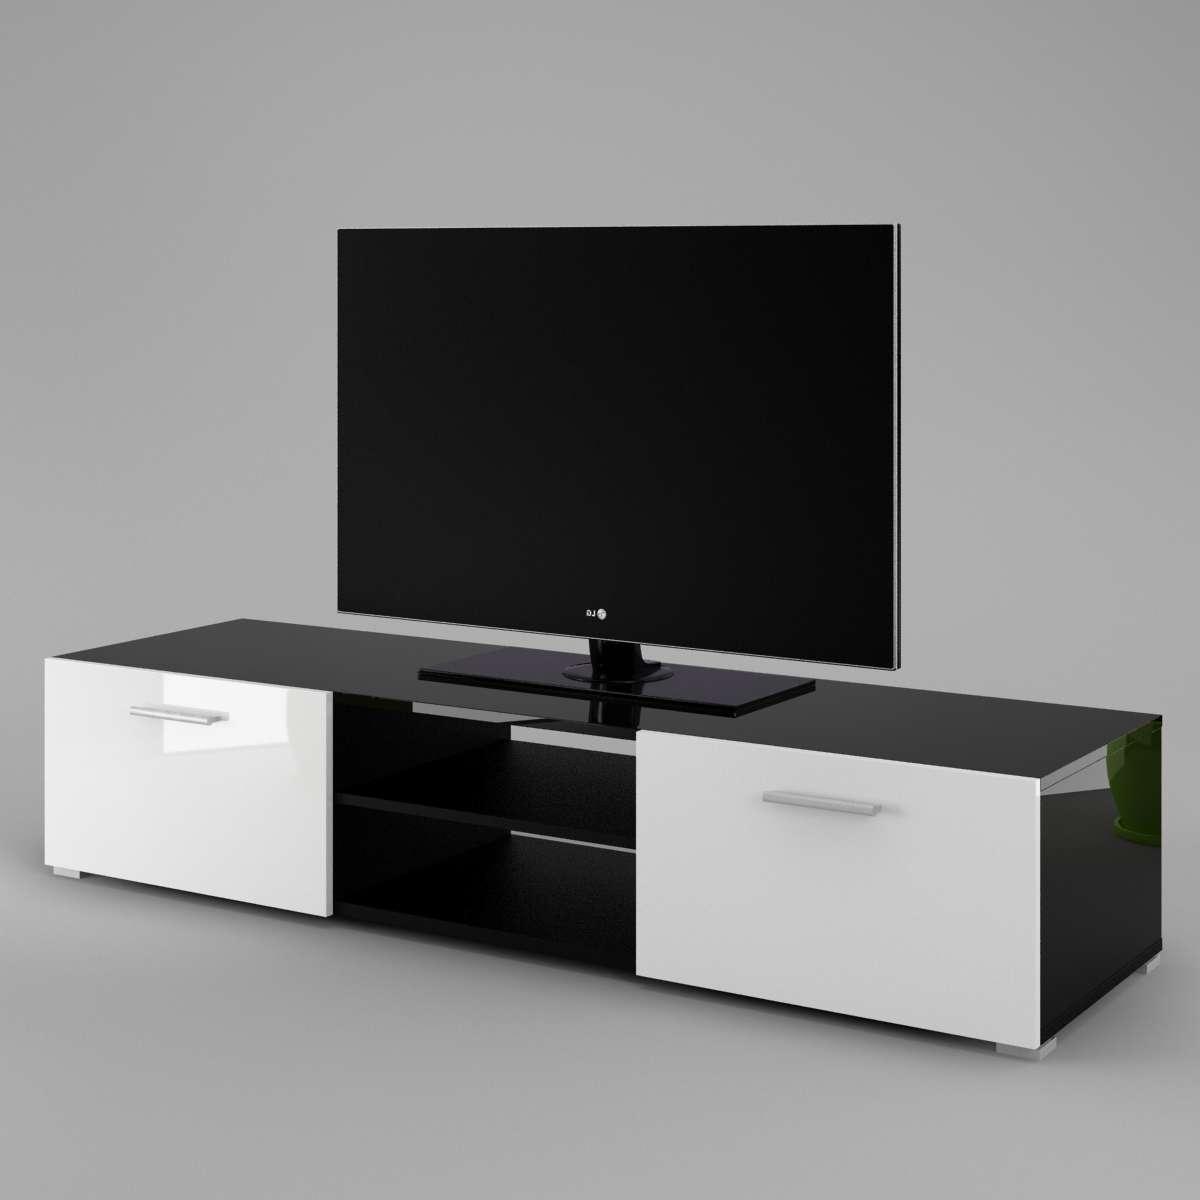 Tv Cabinet Luna – Labi Furniturelabi Furniture In High Gloss Tv Cabinets (View 20 of 20)